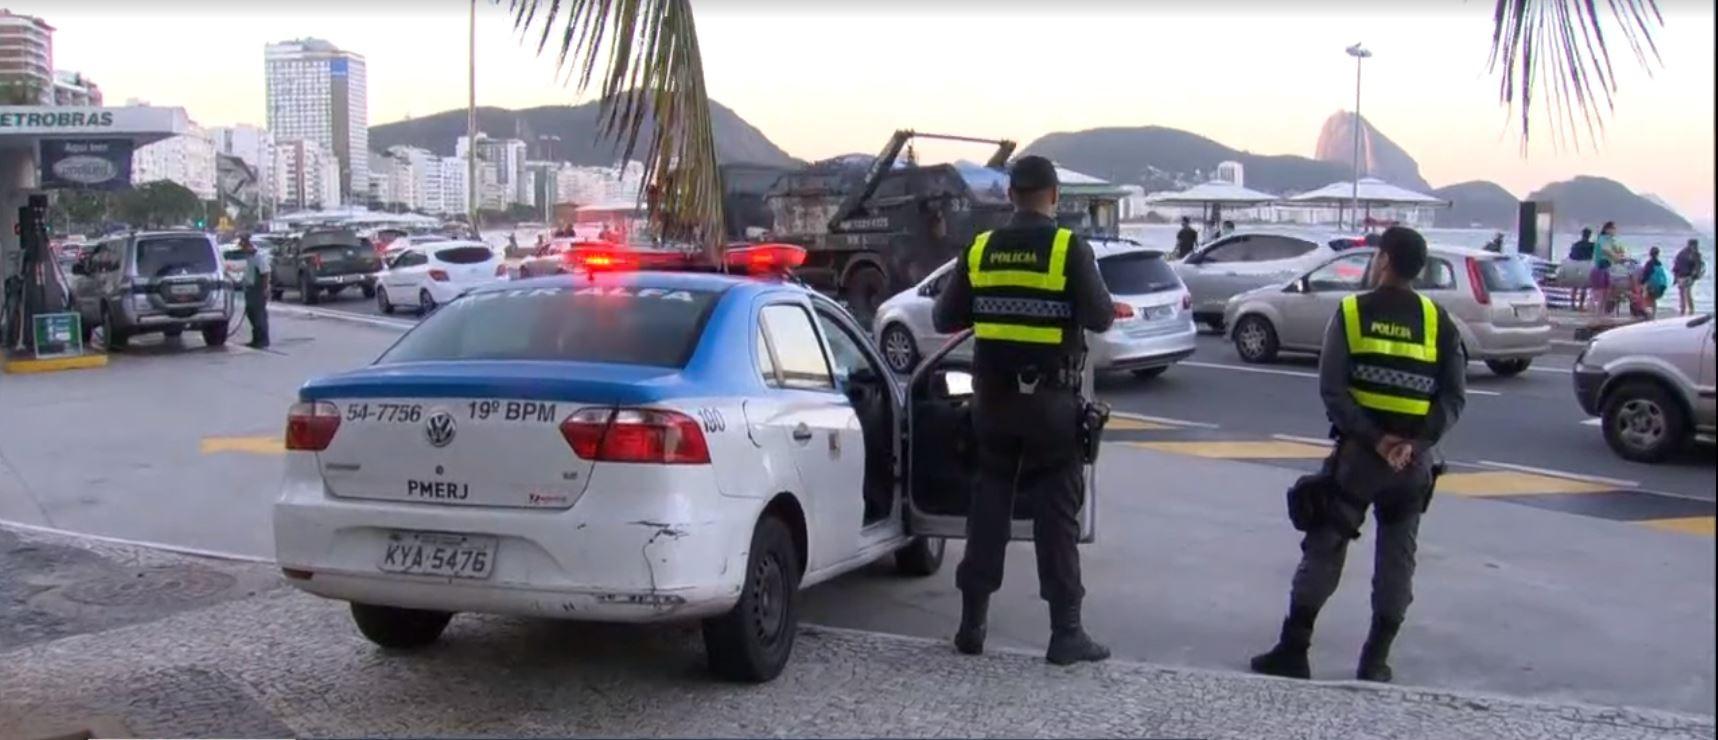 Governo do RJ faz licitação para compra de câmeras que serão utilizadas nos uniformes de policiais